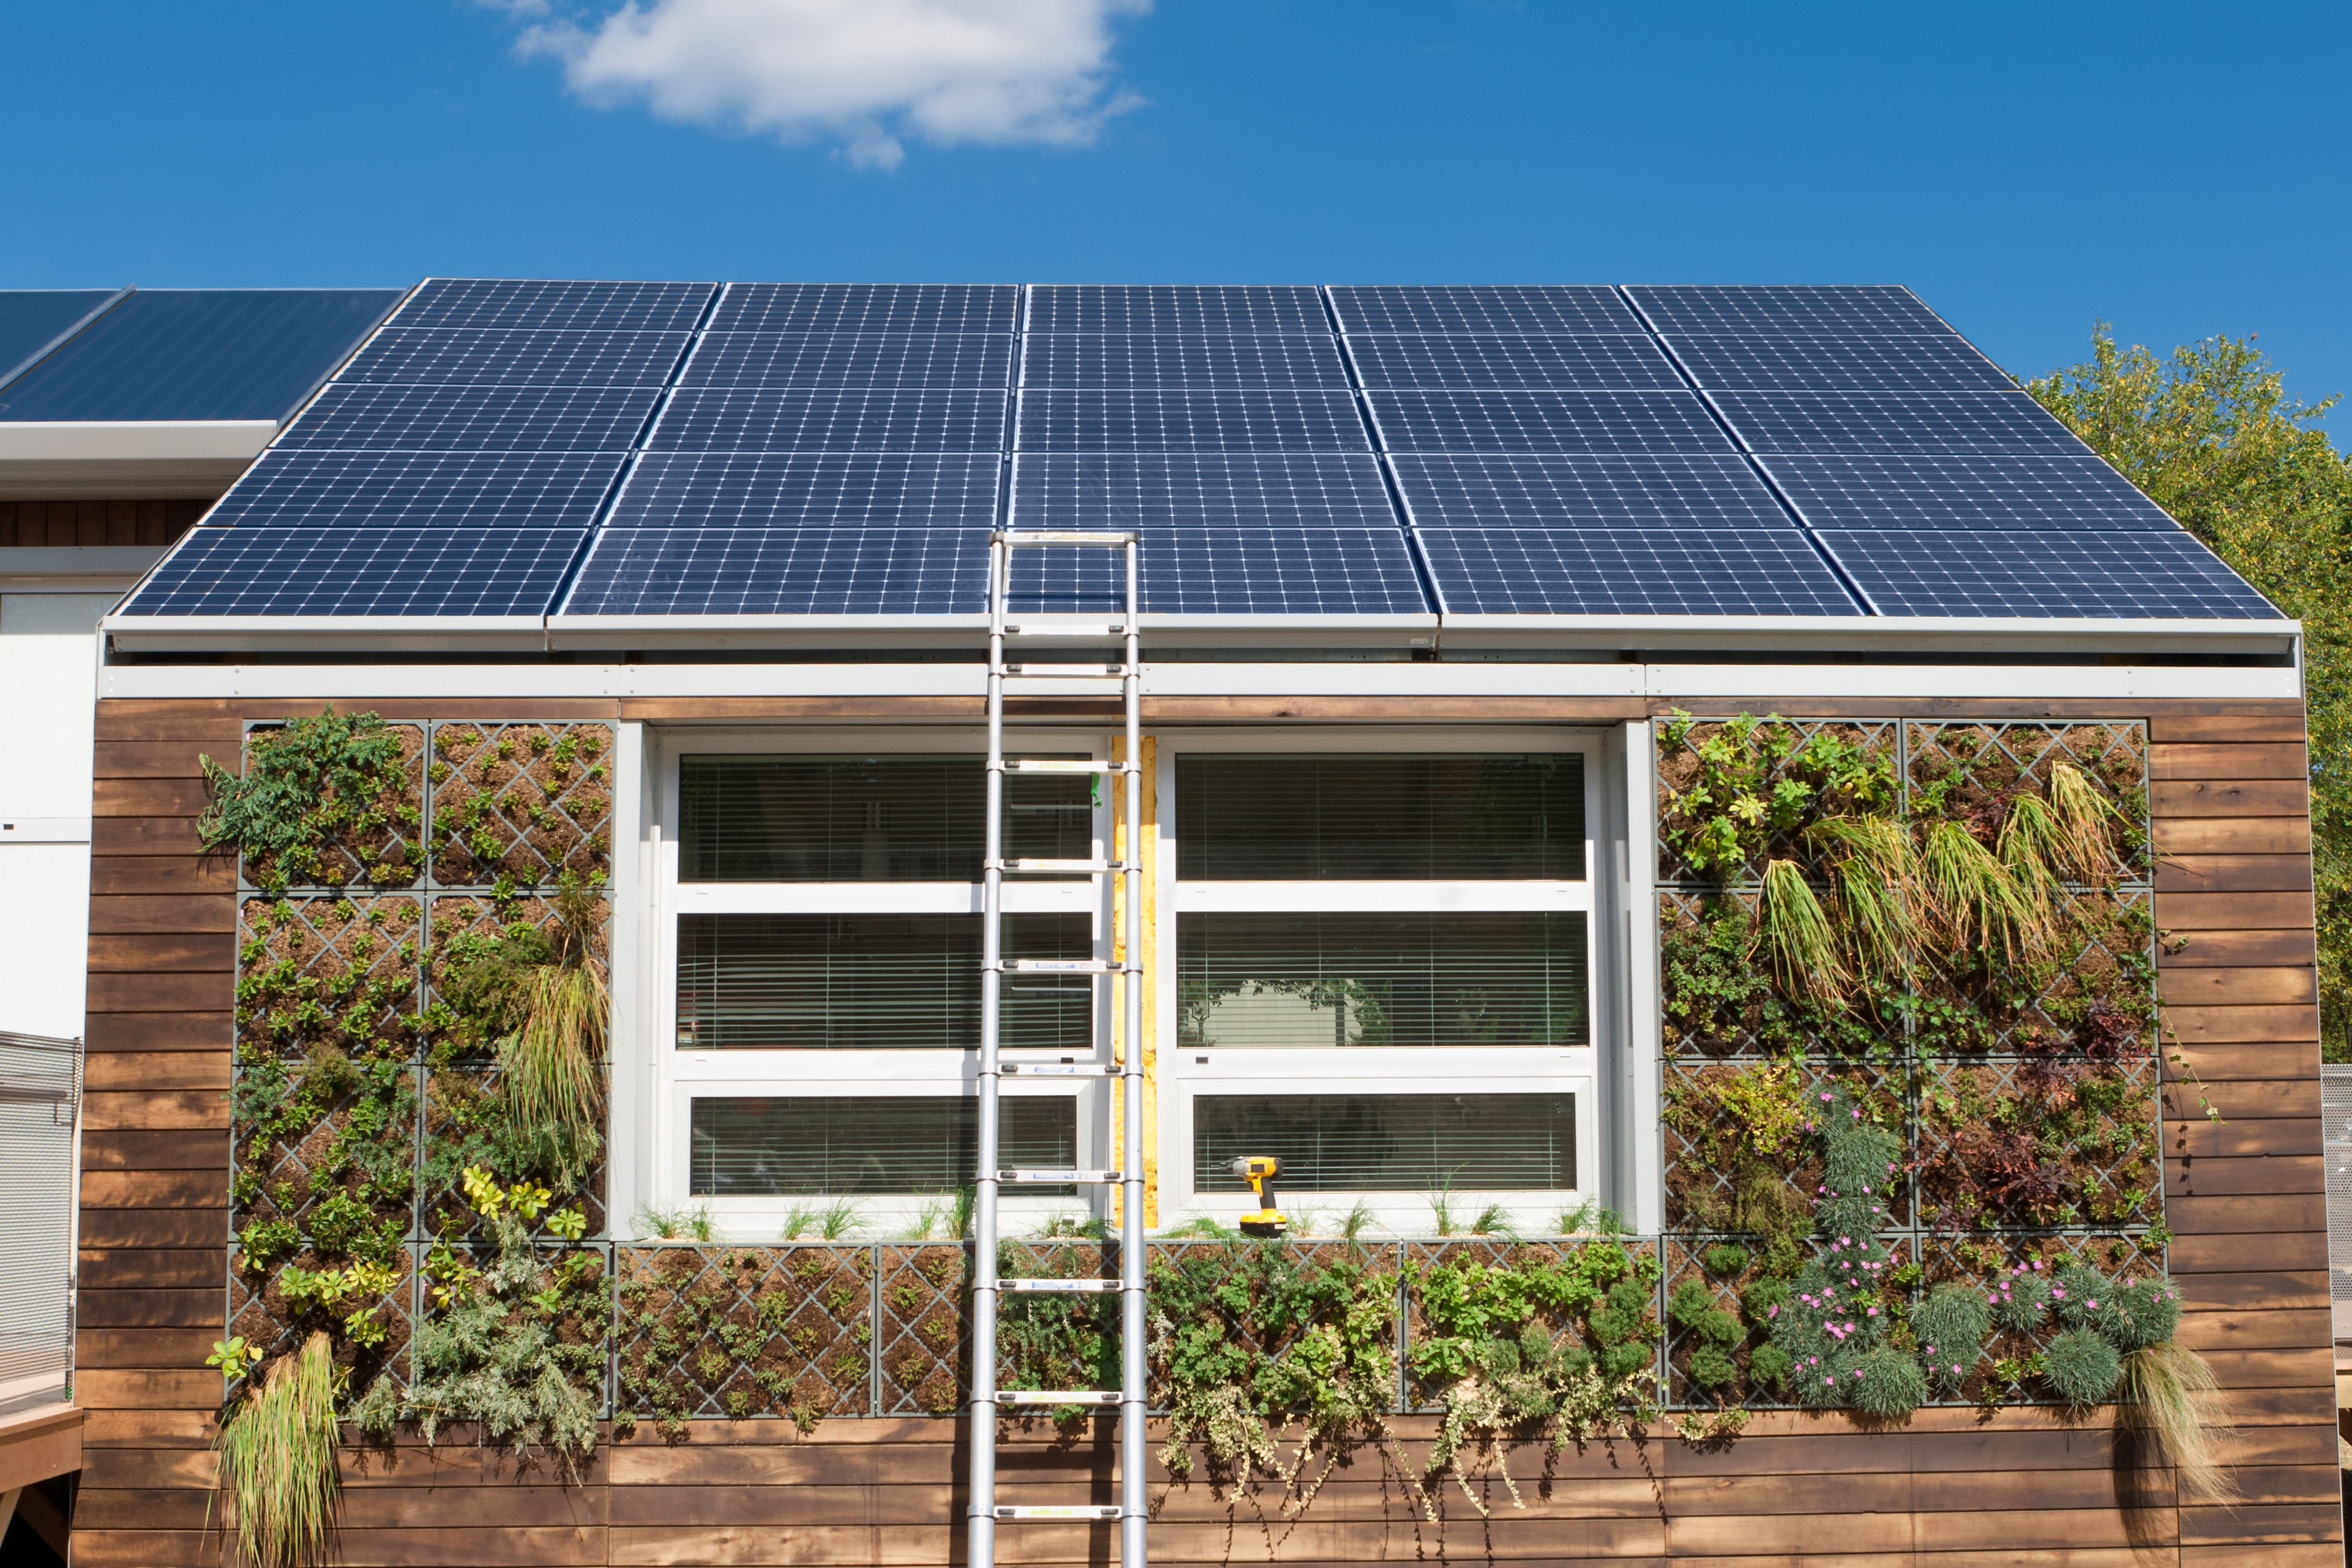 maison ecologique cologie technologie dcouvrez la maison de demain with maison ecologique. Black Bedroom Furniture Sets. Home Design Ideas